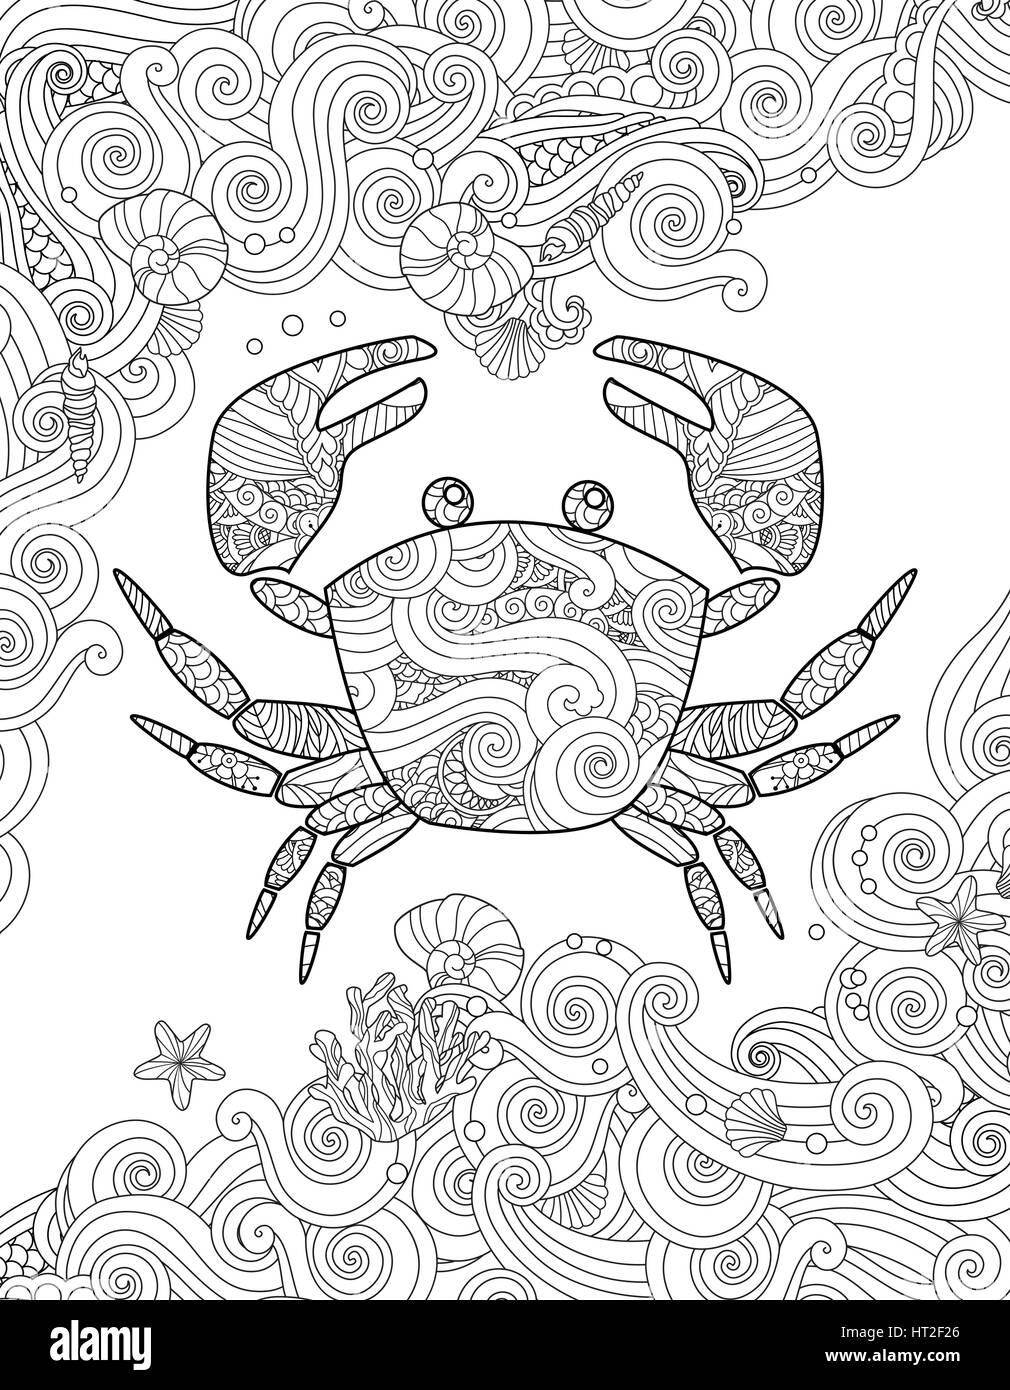 Página Para Colorear Cangrejo Ornamentados Y Las Olas Del Mar